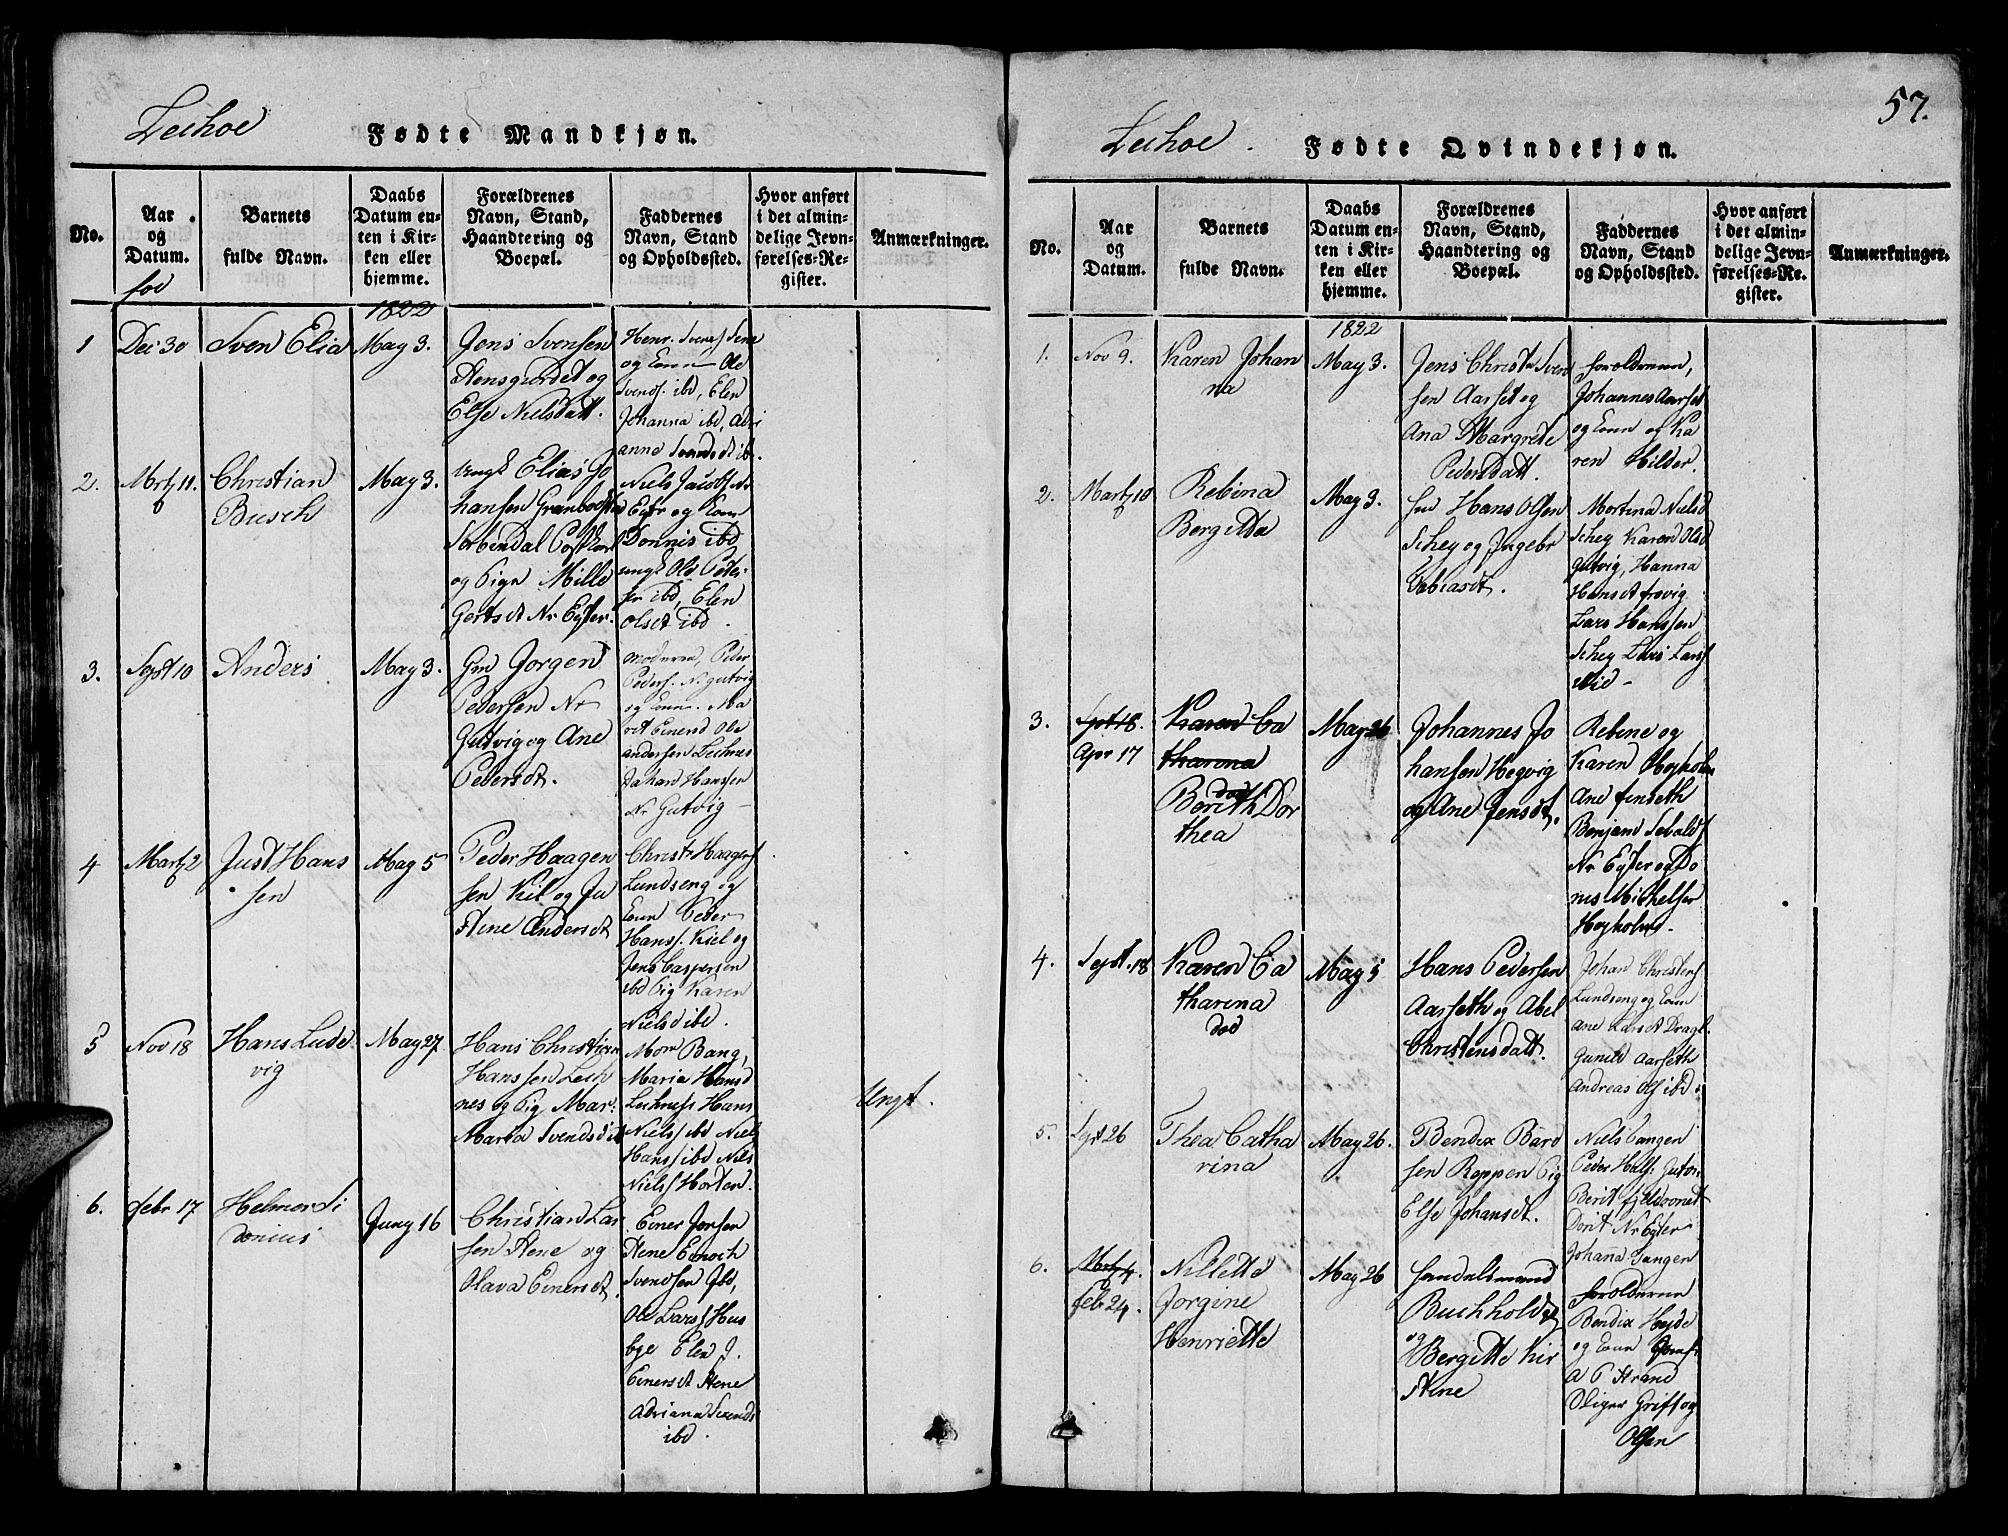 SAT, Ministerialprotokoller, klokkerbøker og fødselsregistre - Nord-Trøndelag, 780/L0648: Klokkerbok nr. 780C01 /2, 1815-1875, s. 57